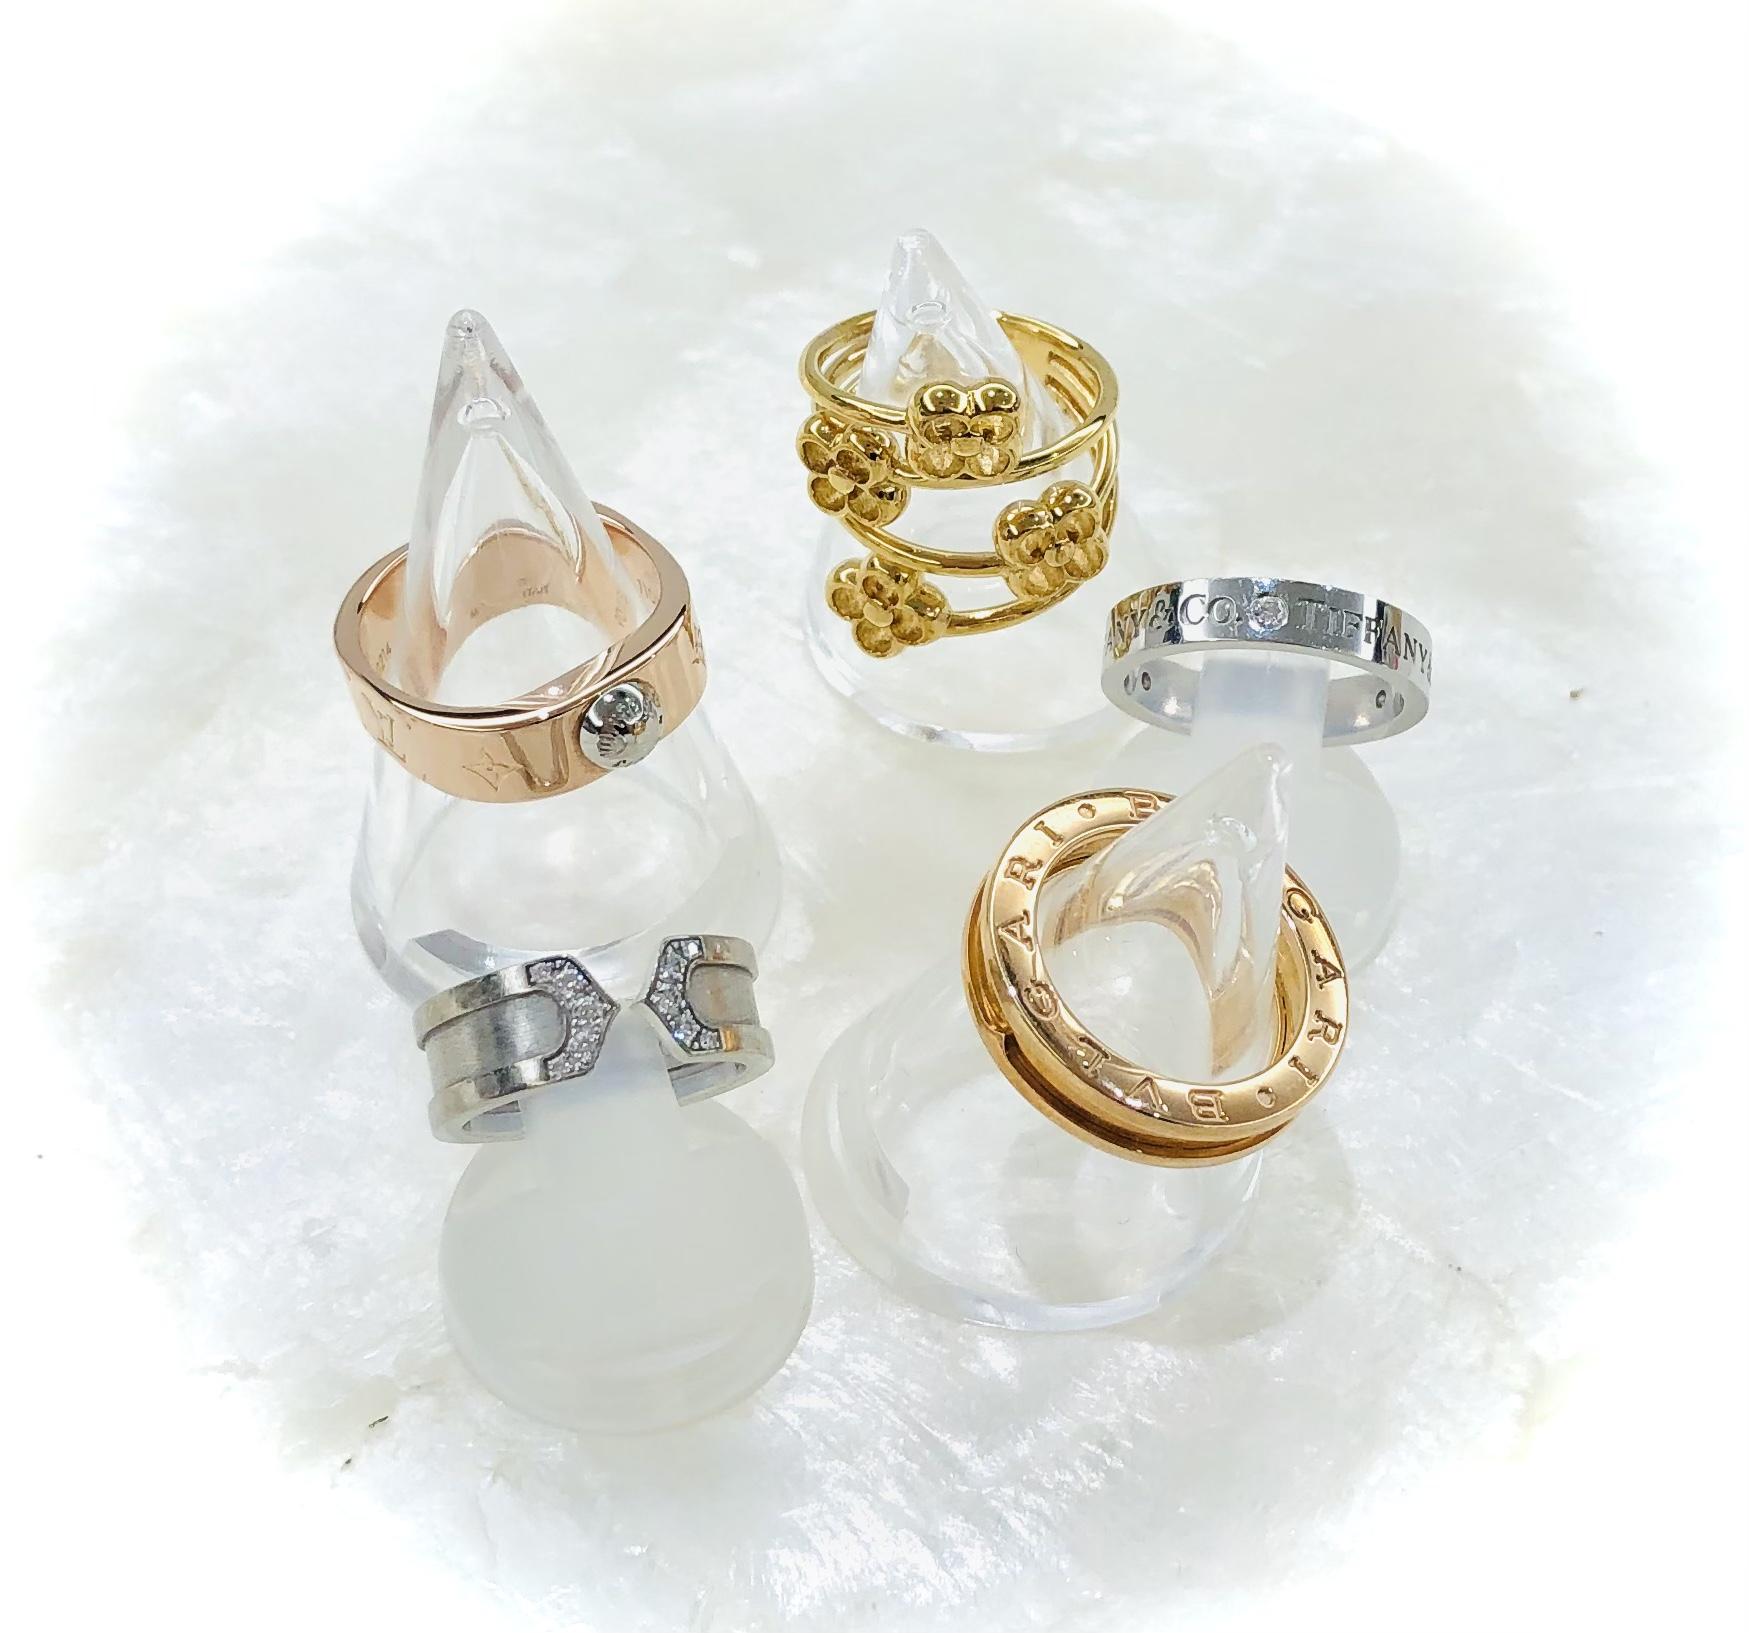 【指輪 販売 盛岡】記念日や特別な日に身につけたい!!お気に入りのブランドの指輪✨